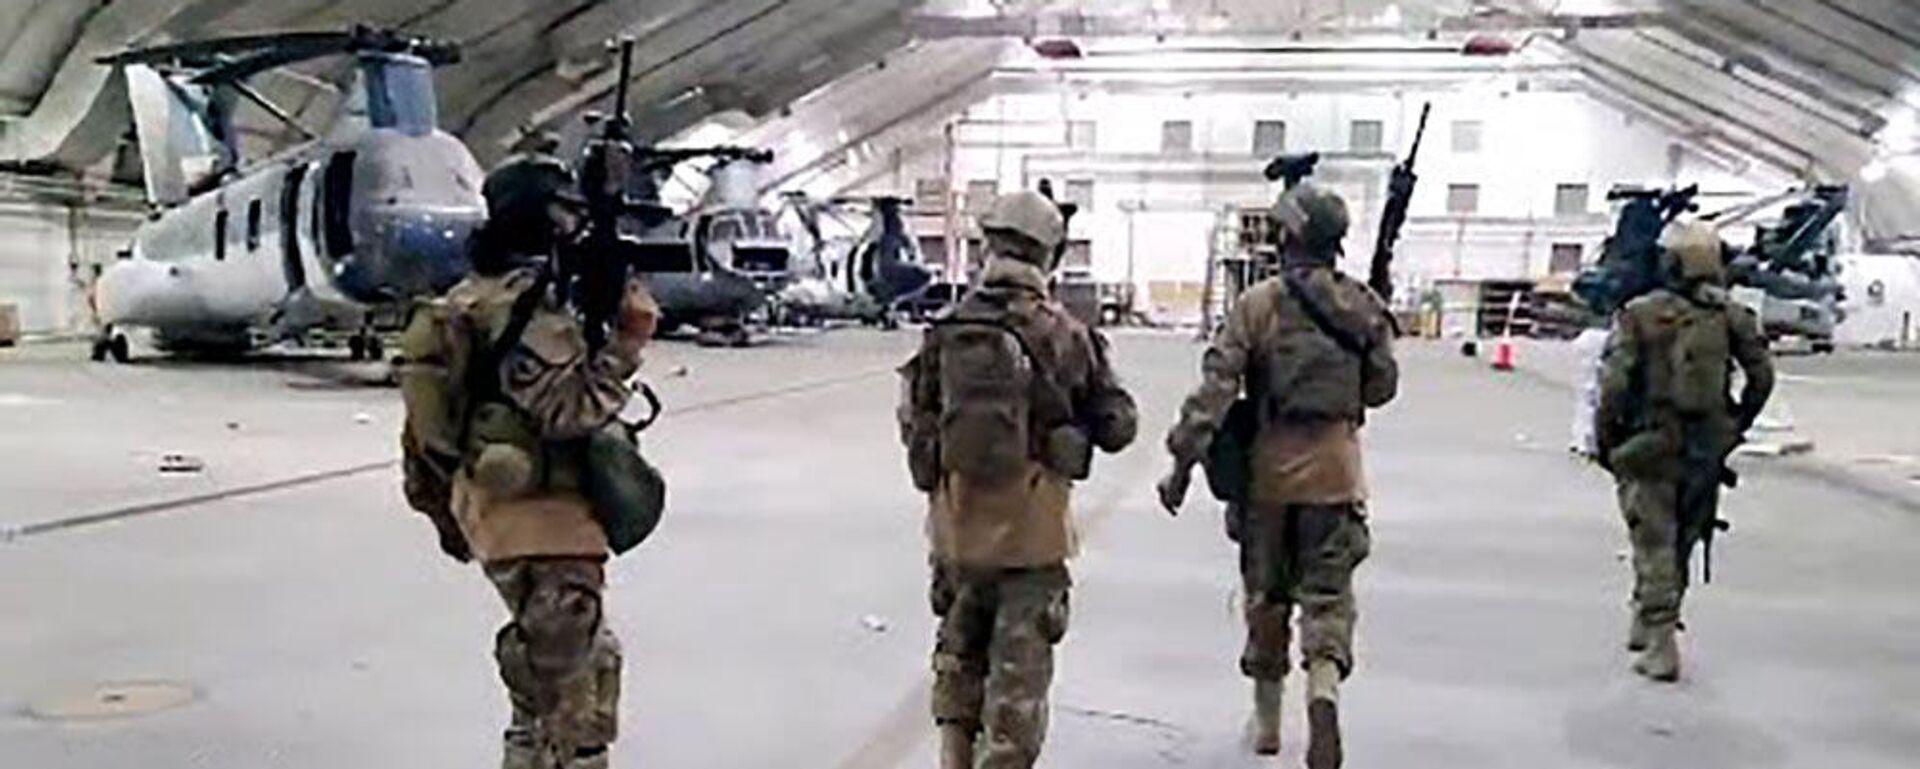 Боевики Талибана входят в контролируемую США часть аэропорта Кабула - Sputnik Тоҷикистон, 1920, 31.08.2021